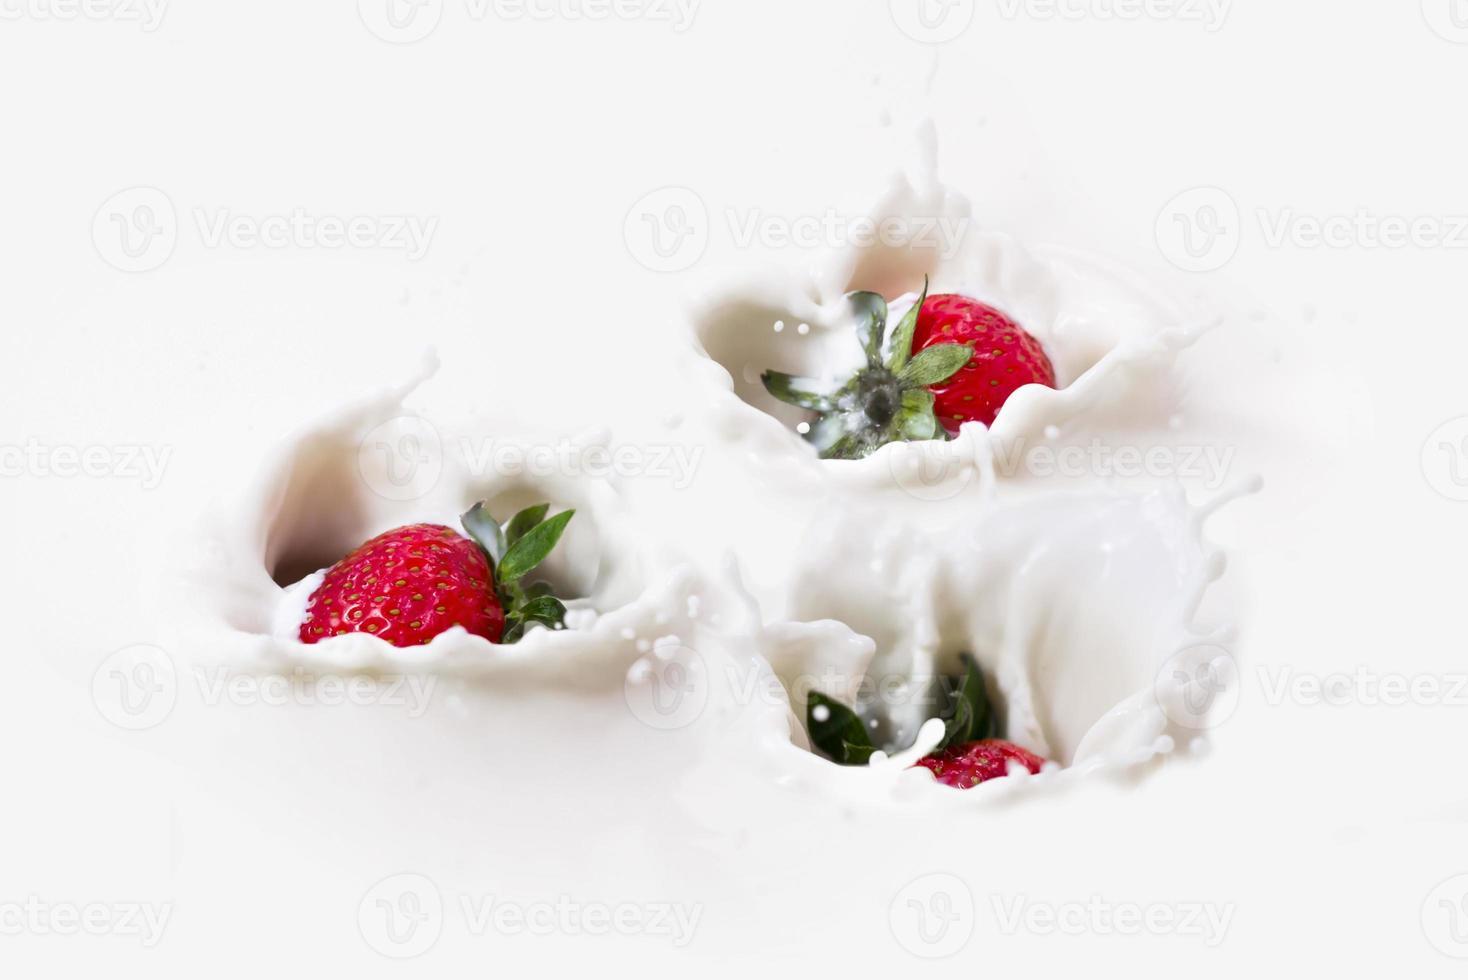 drie aardbeien spatten in de melk. foto